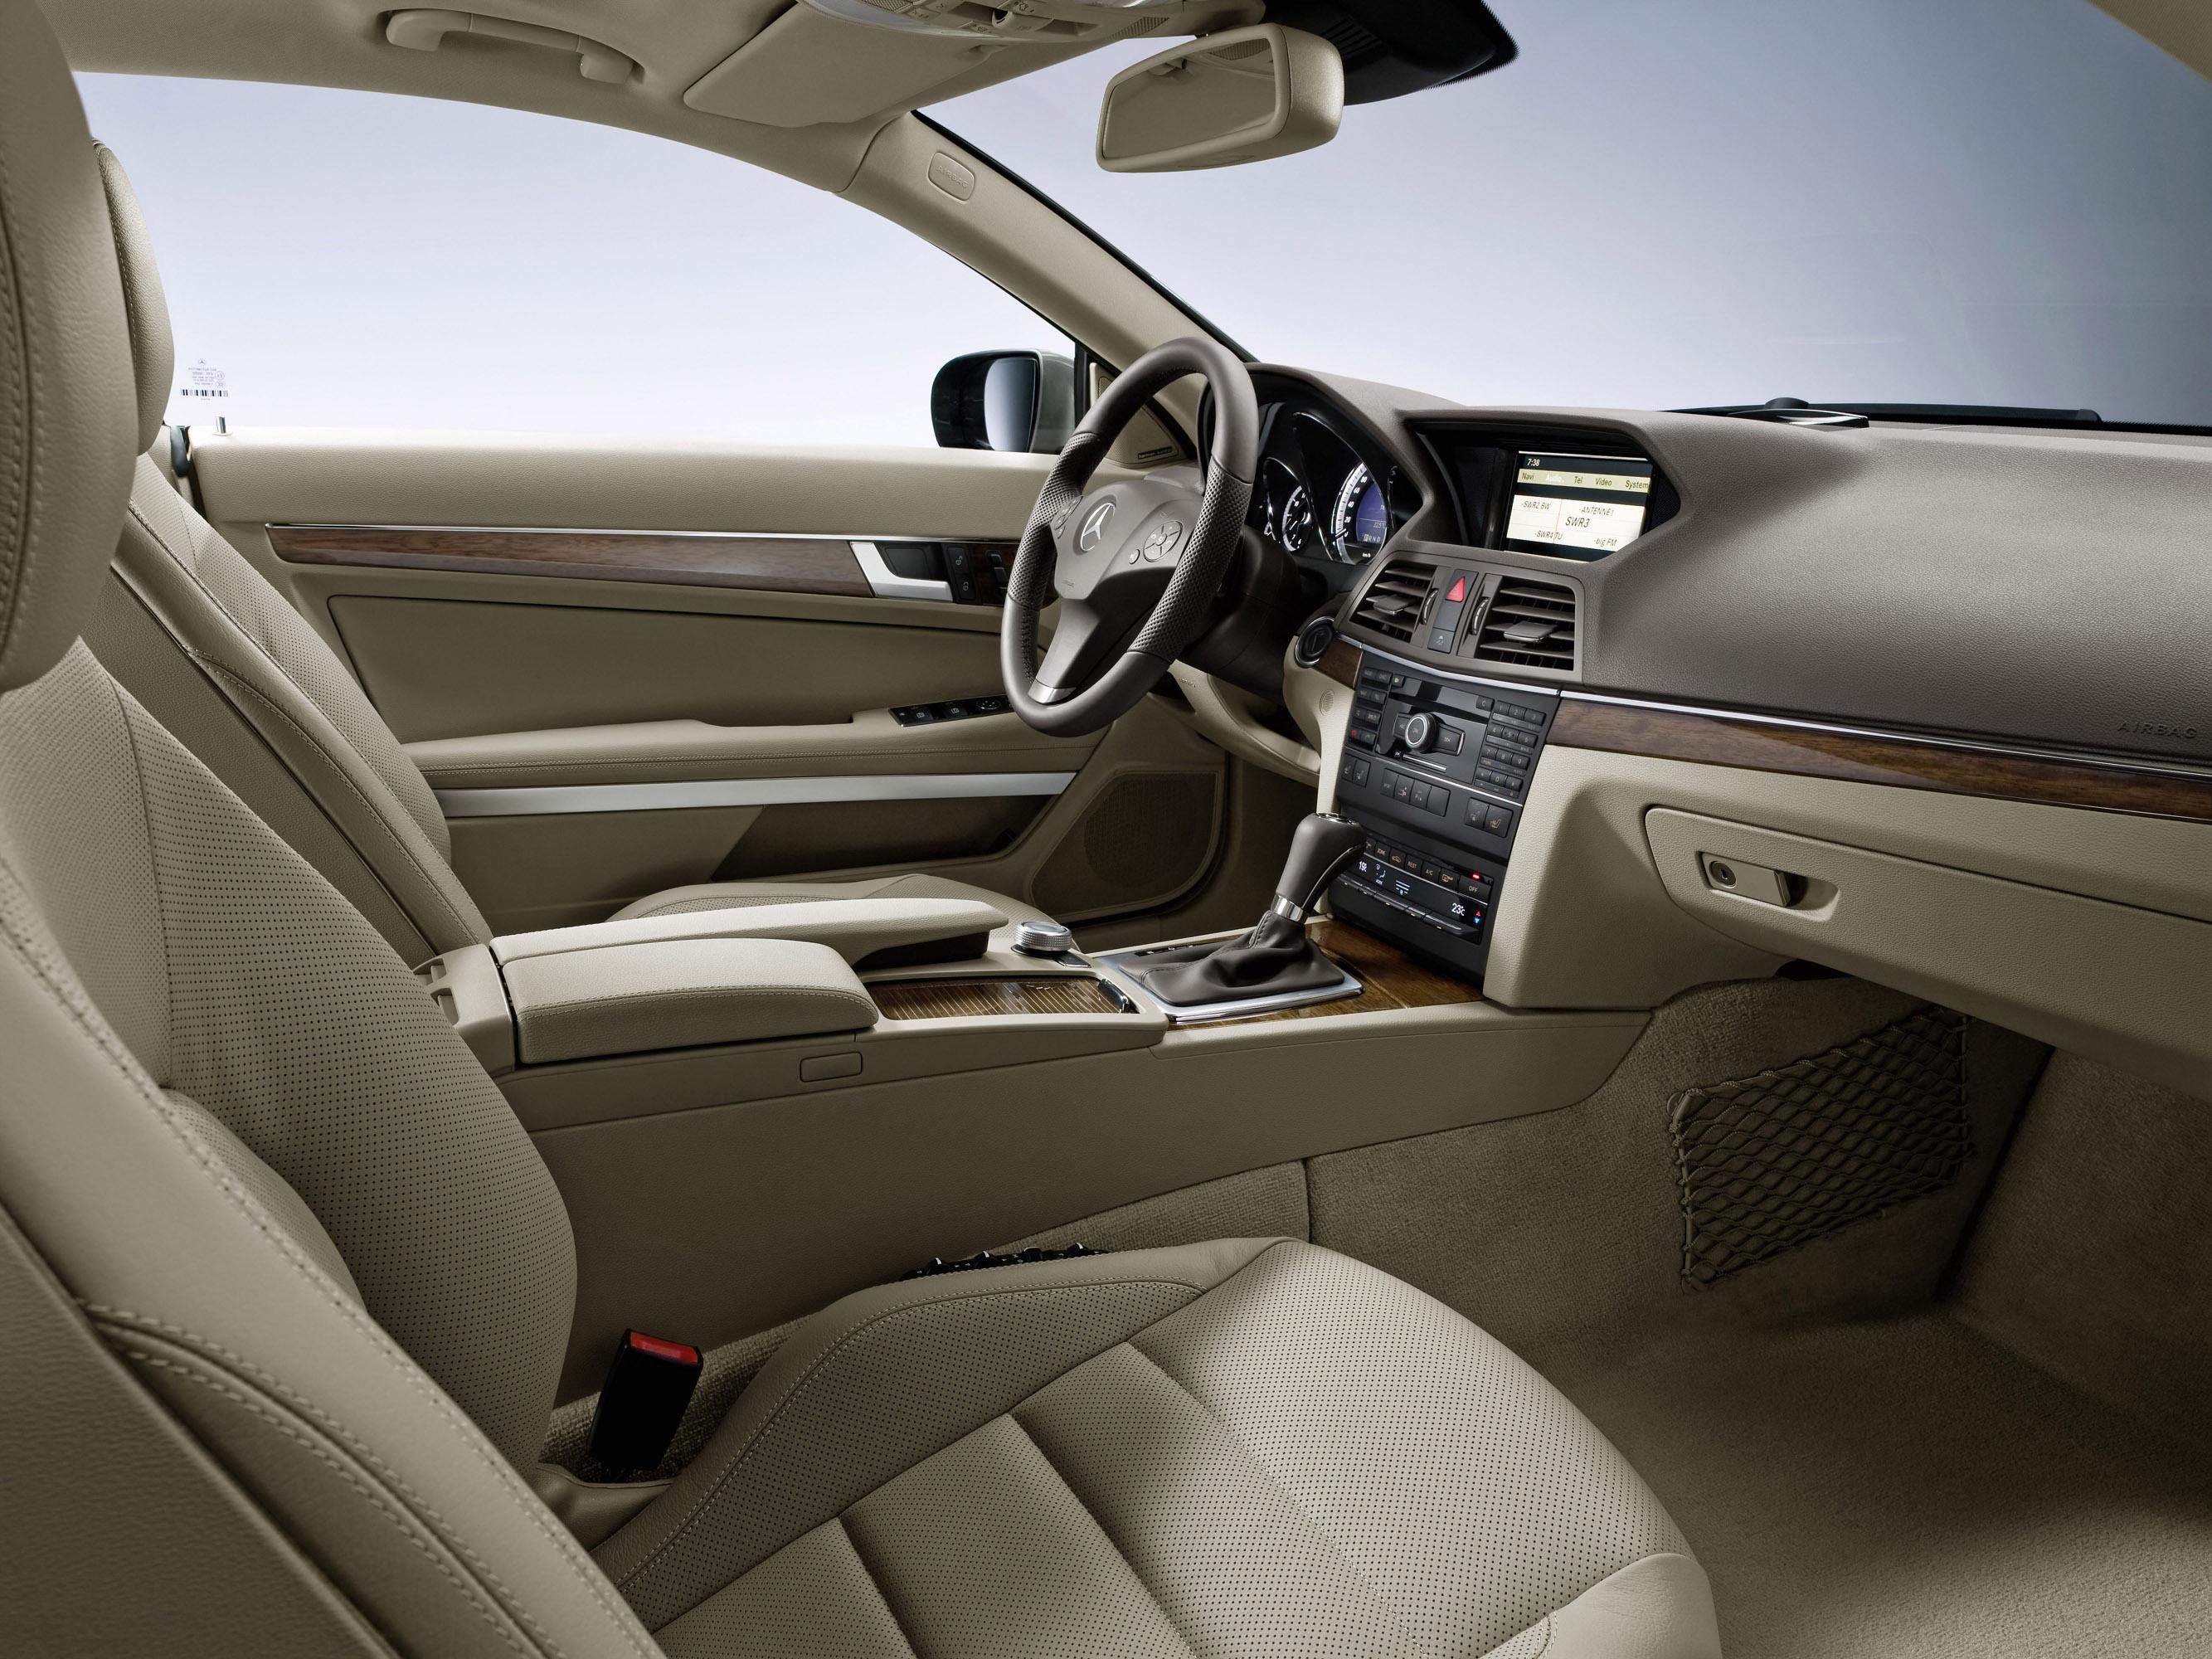 Mercedes-Benz E-350 CDI Coupe [фотографии автомобиля] - фотография №12